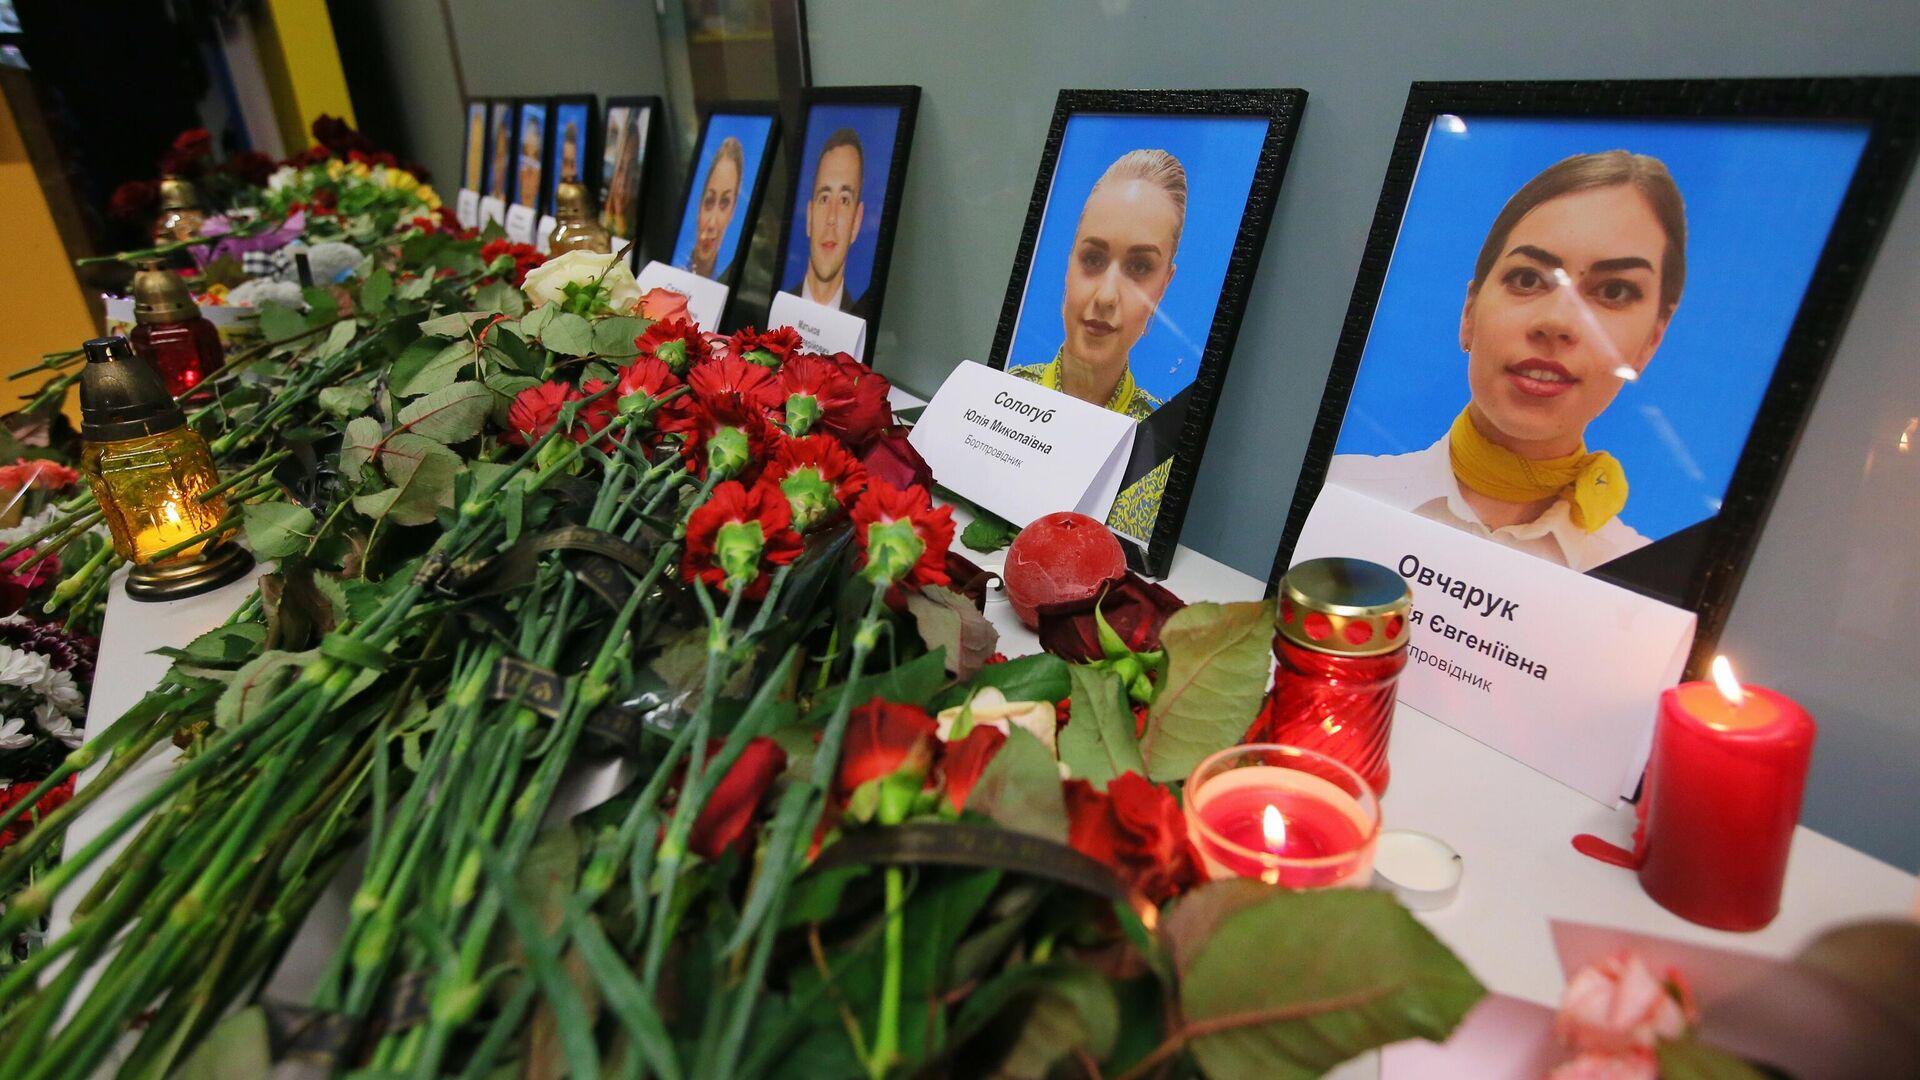 Цветы и свечи в международном аэропорту Борисполь в Киеве в память о членах экипажа пассажирского лайнера Международных авиалиний Украины Boeing 737-800, разбившегося в Тегеране - РИА Новости, 1920, 30.12.2020